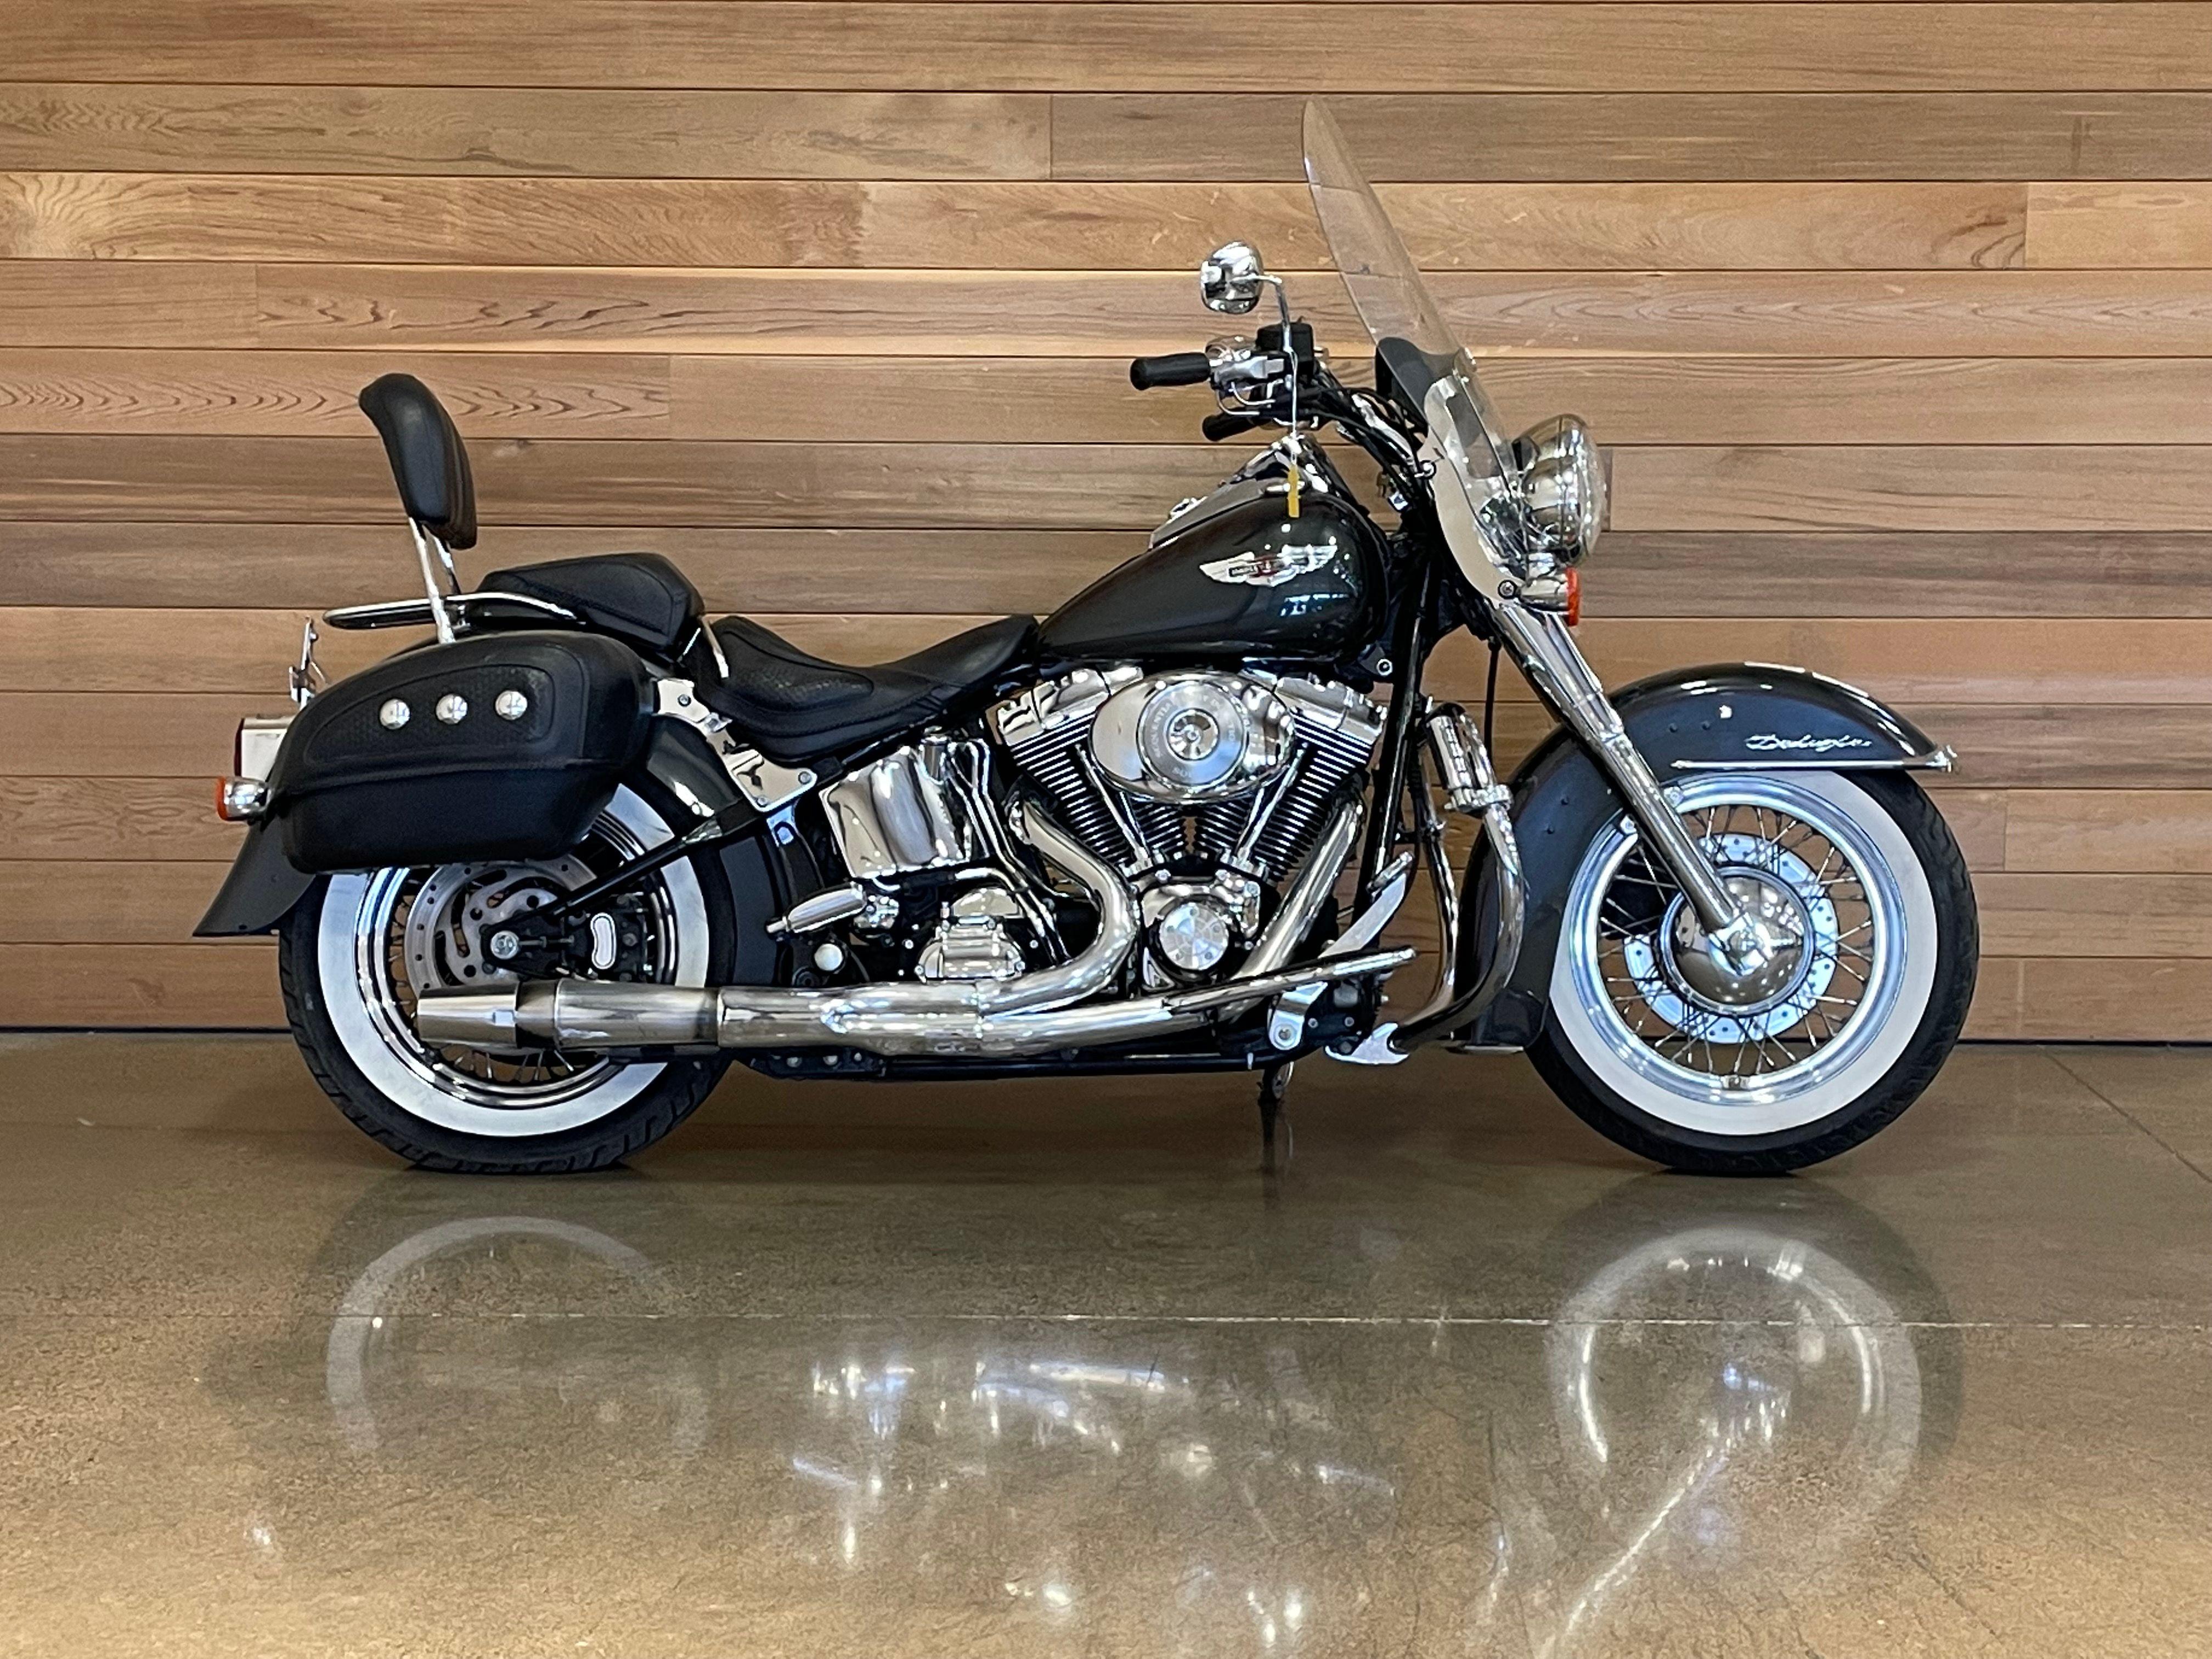 Pre-Owned 2005 Harley-Davidson Deluxe FLSTN